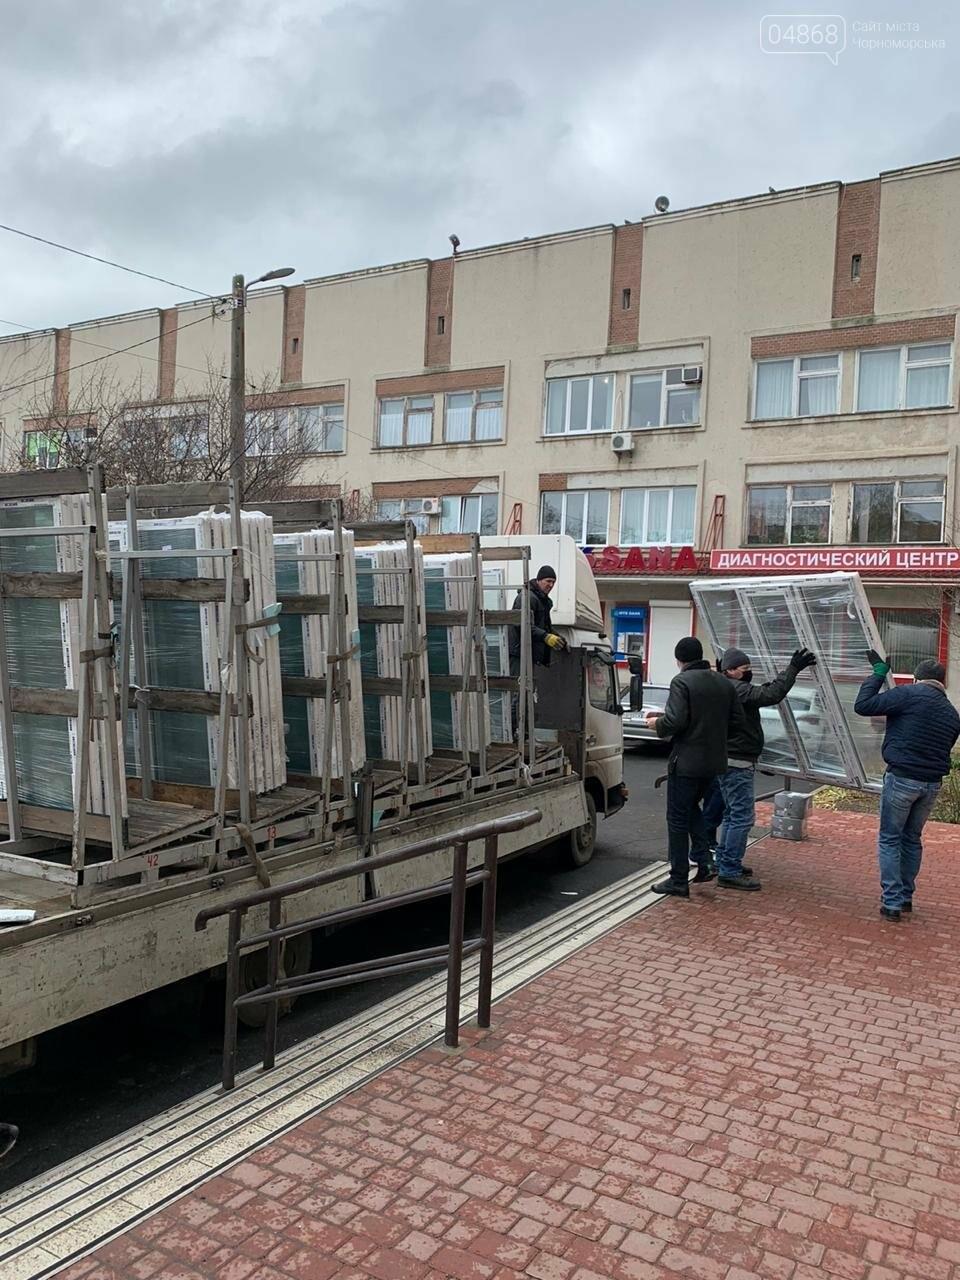 Будет теплее: в Черноморской поликлинике заменили 80 окон, фото-3